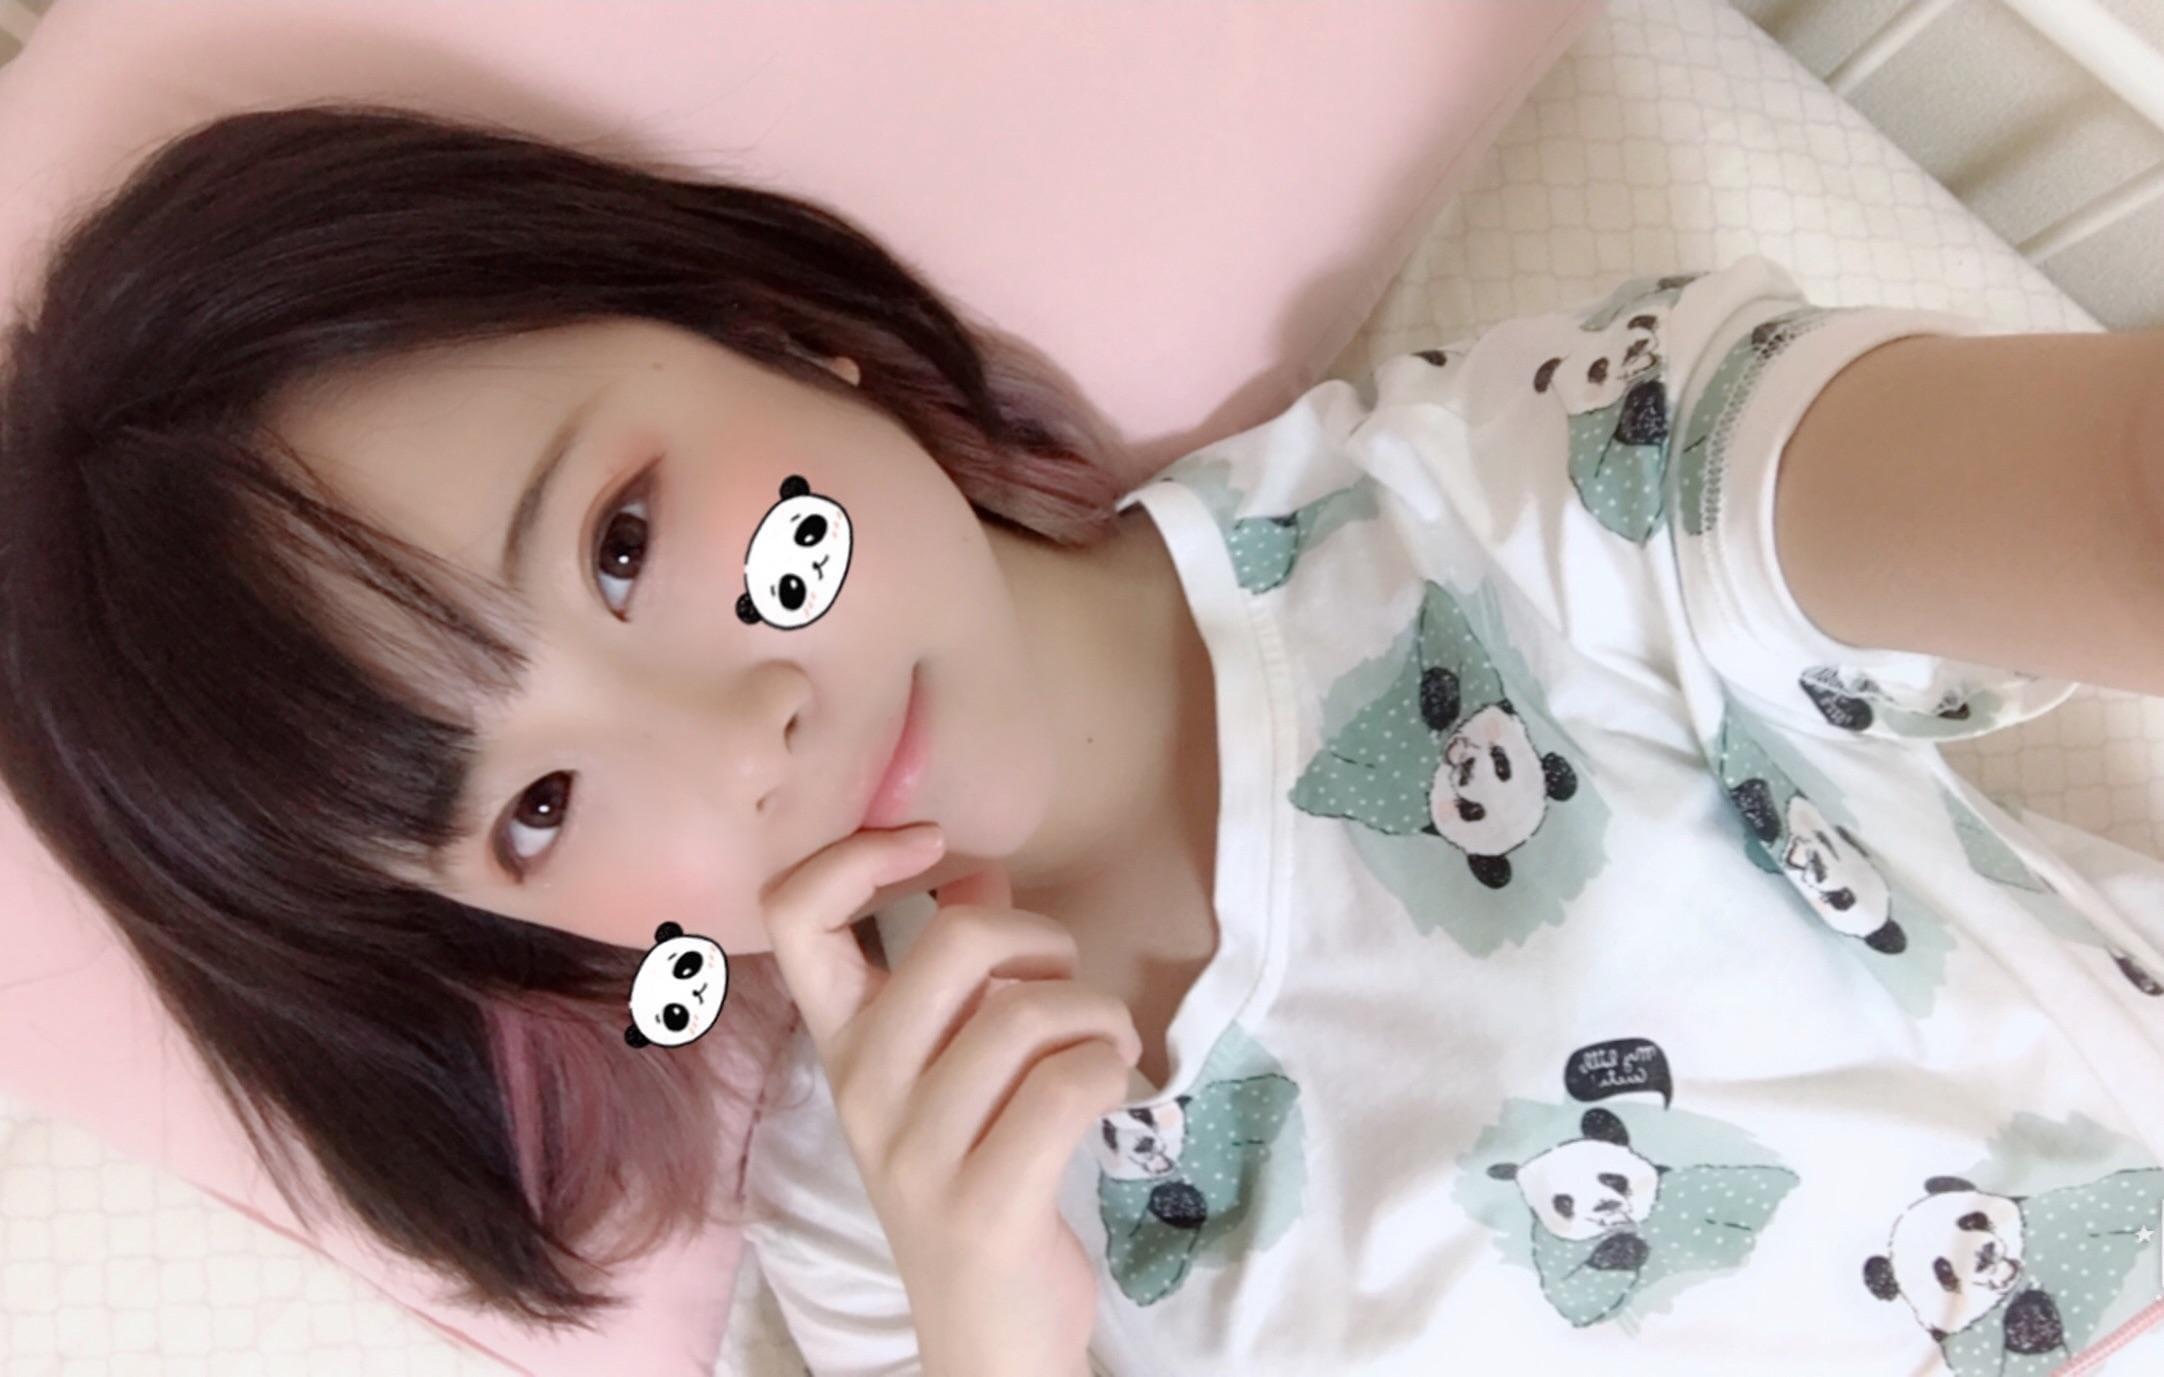 「ぱんだ〜」08/13(月) 22:14   みわの写メ・風俗動画